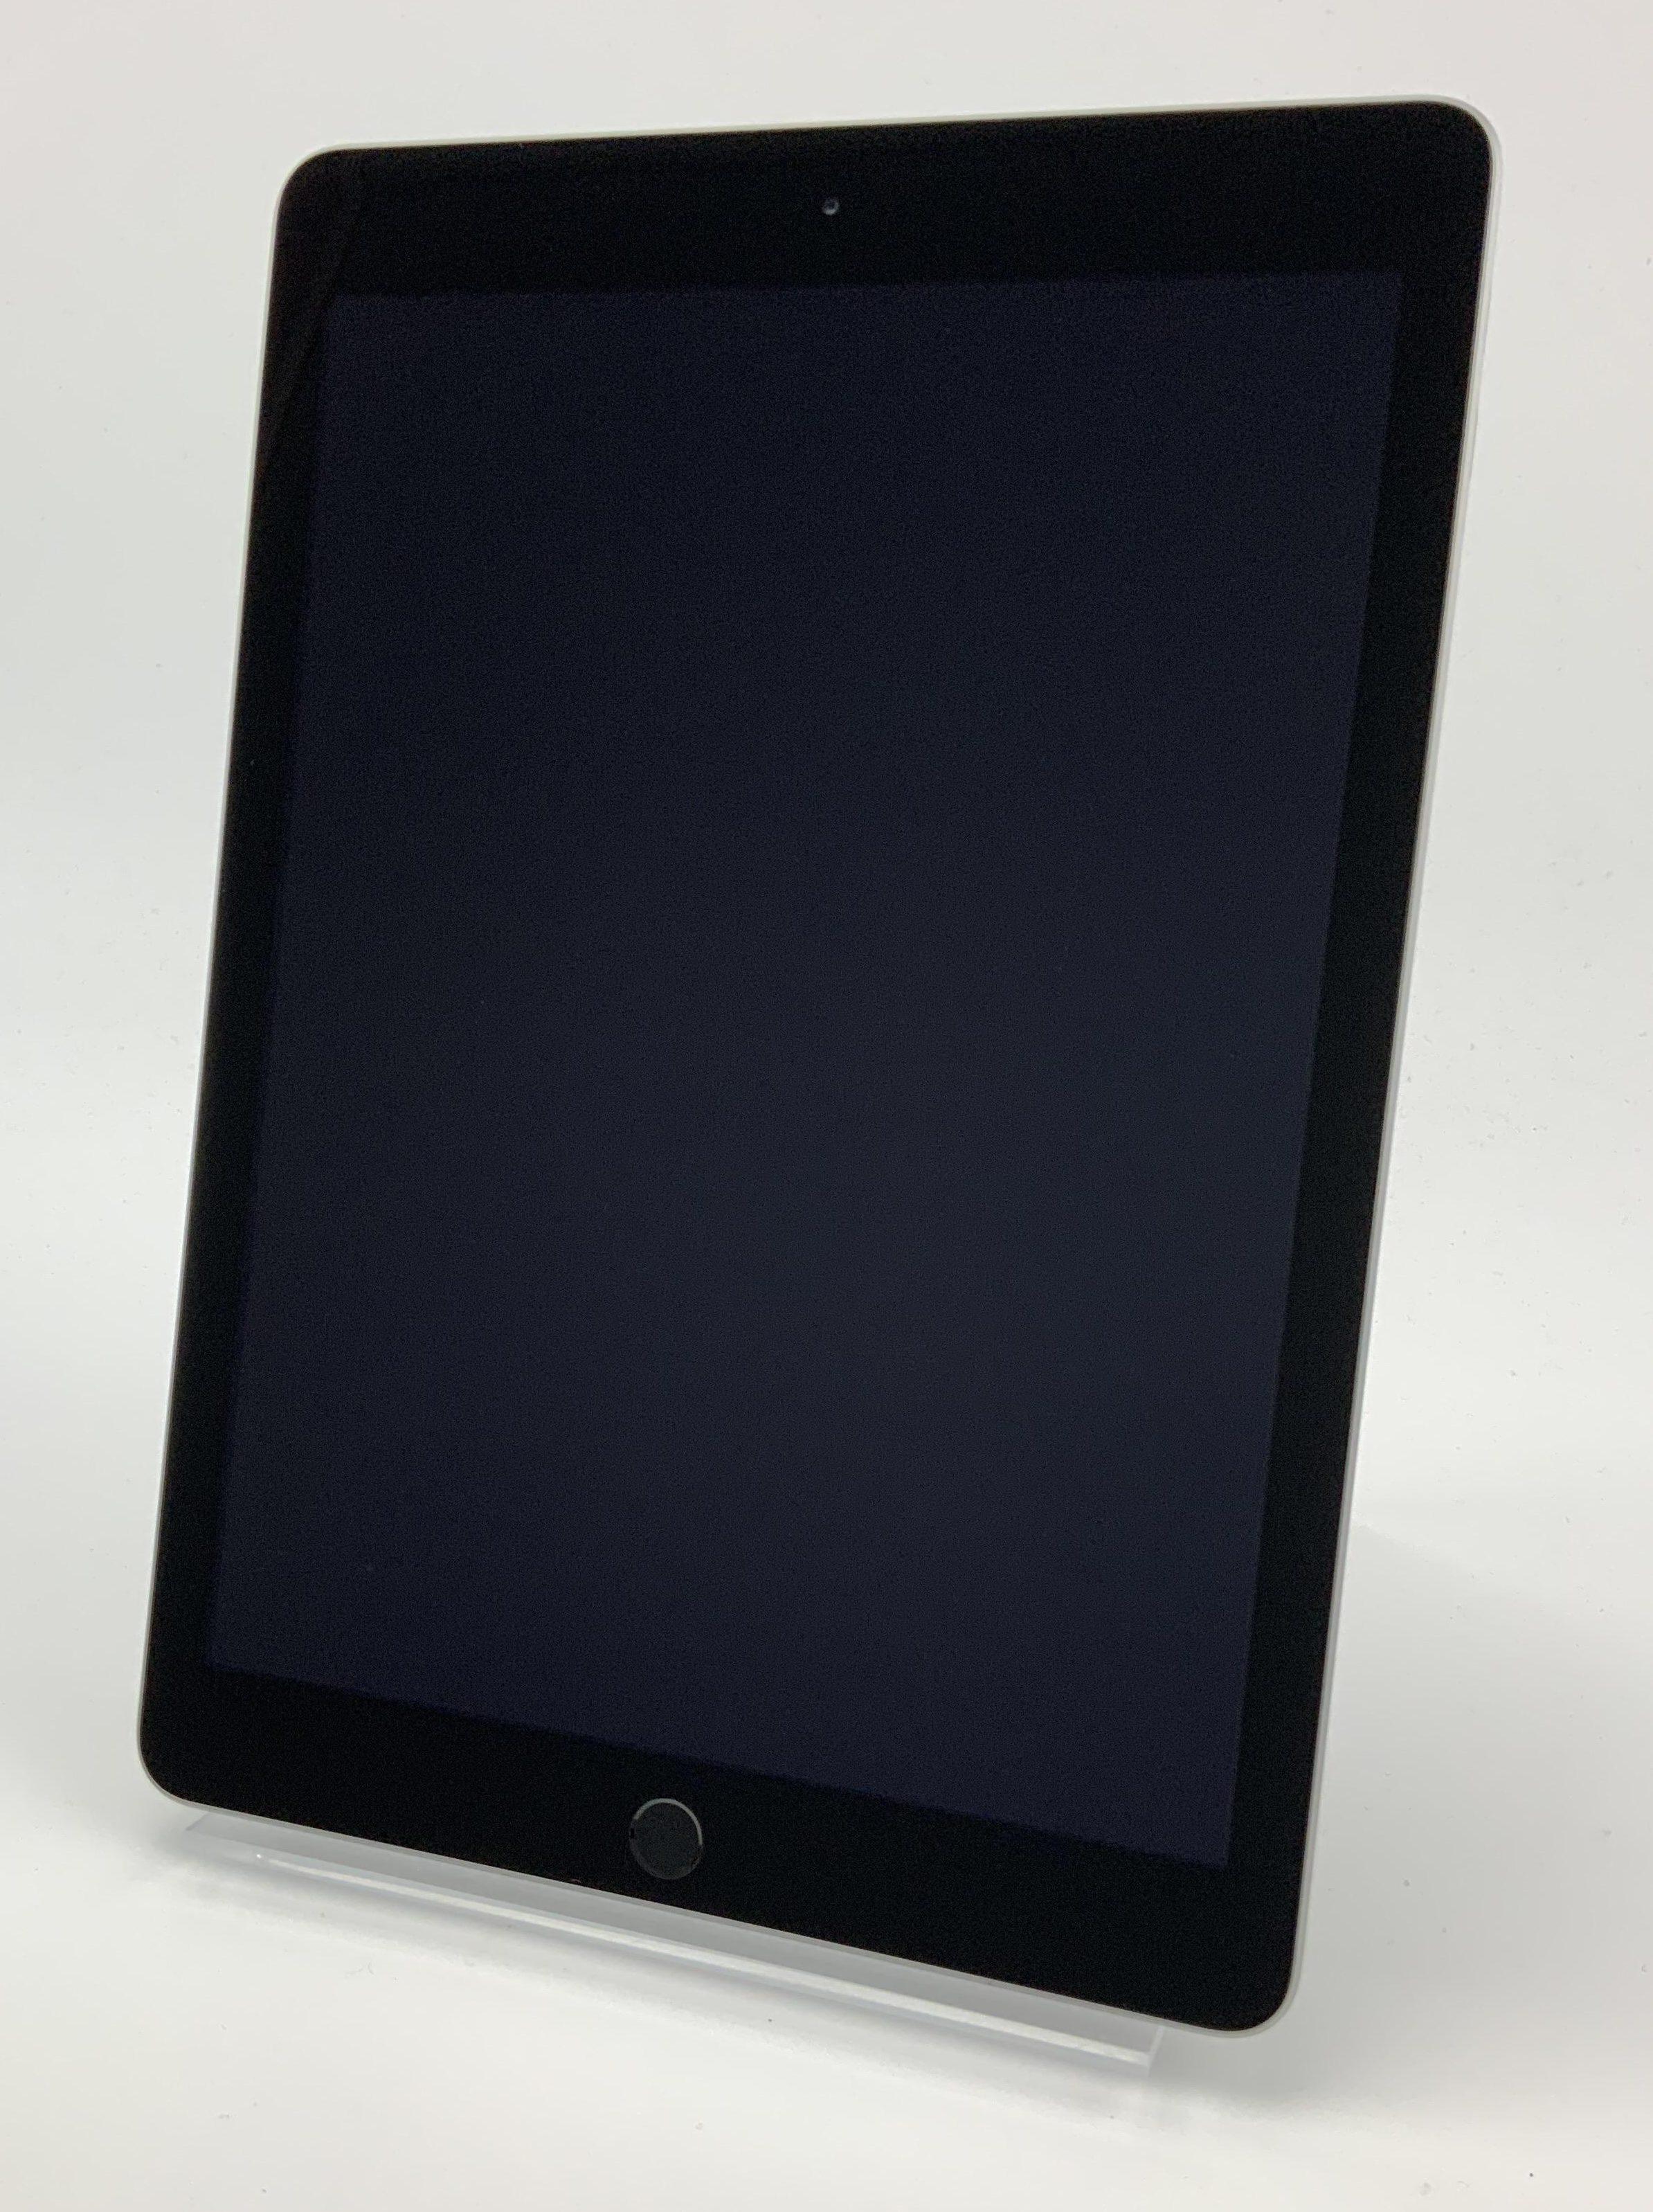 iPad 5 Wi-Fi 128GB, 128GB, Space Gray, obraz 1